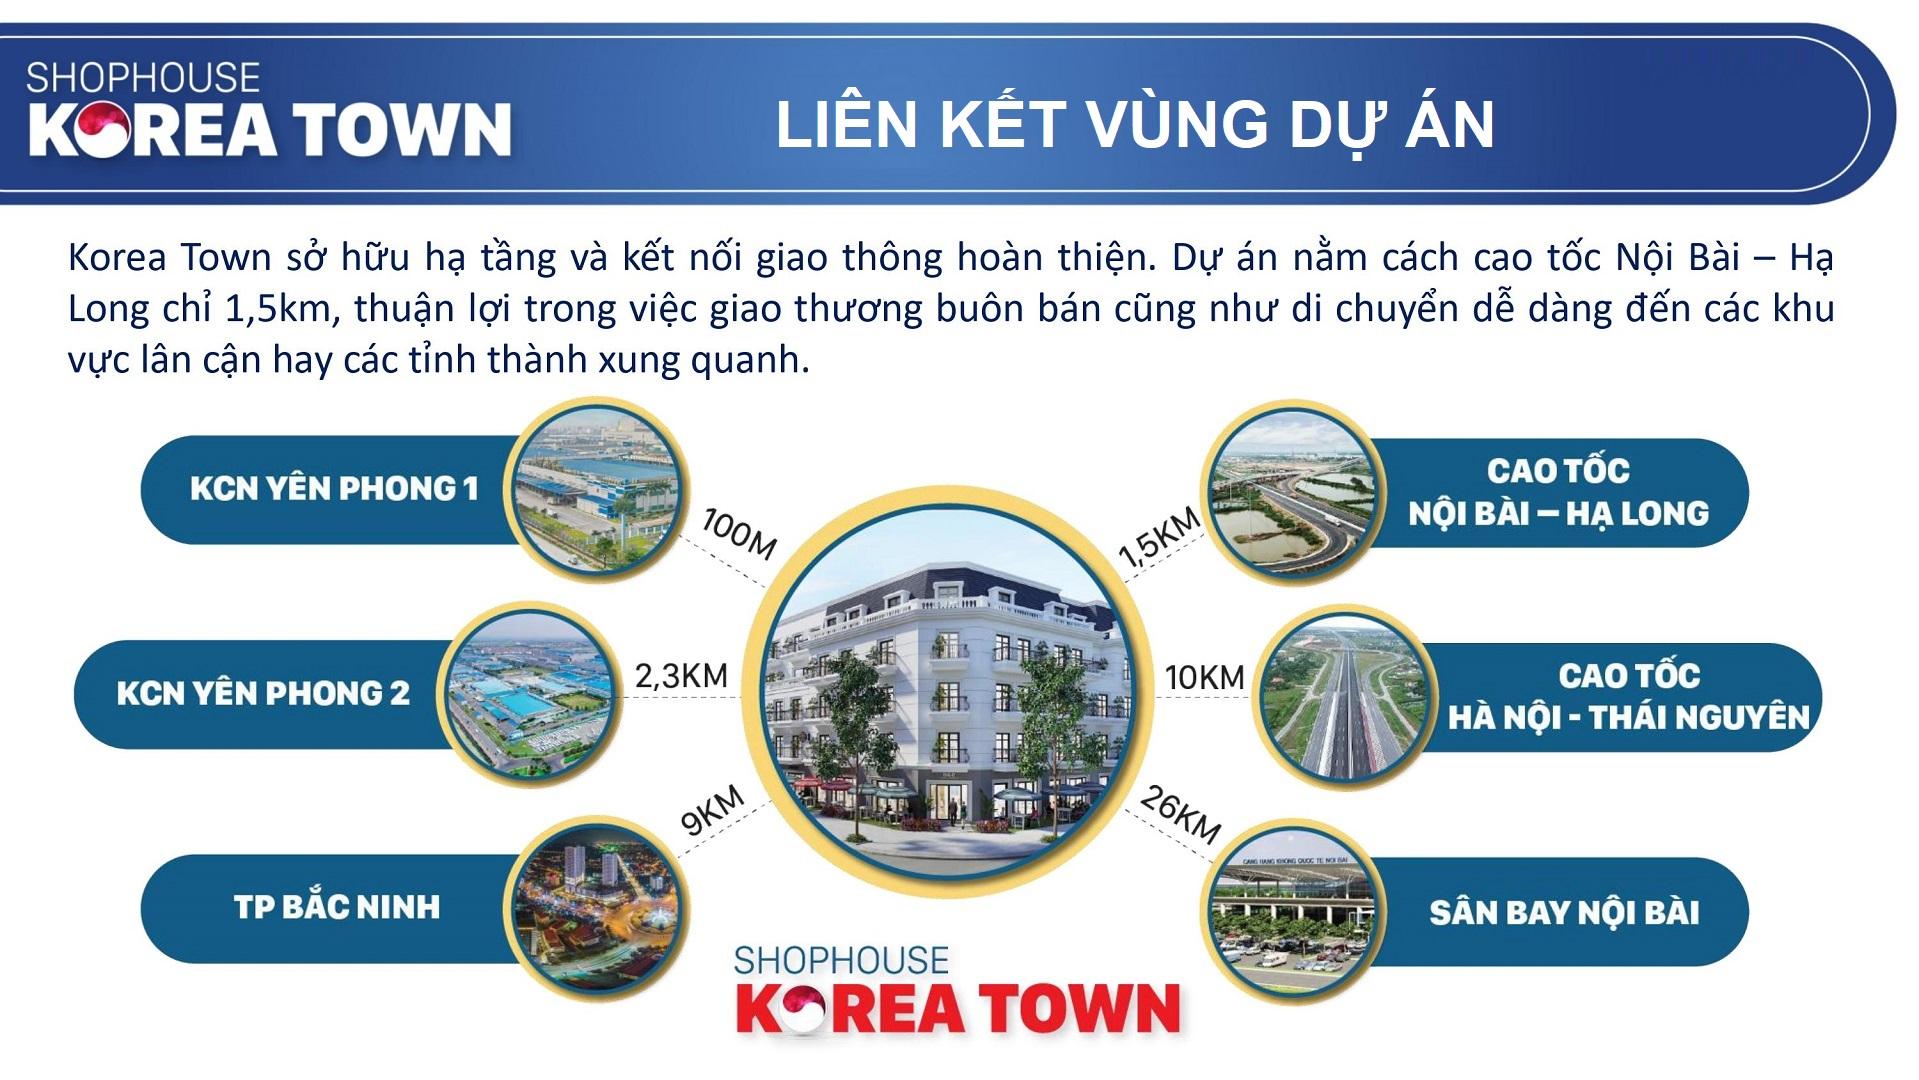 liên kết vùng dự án korea town